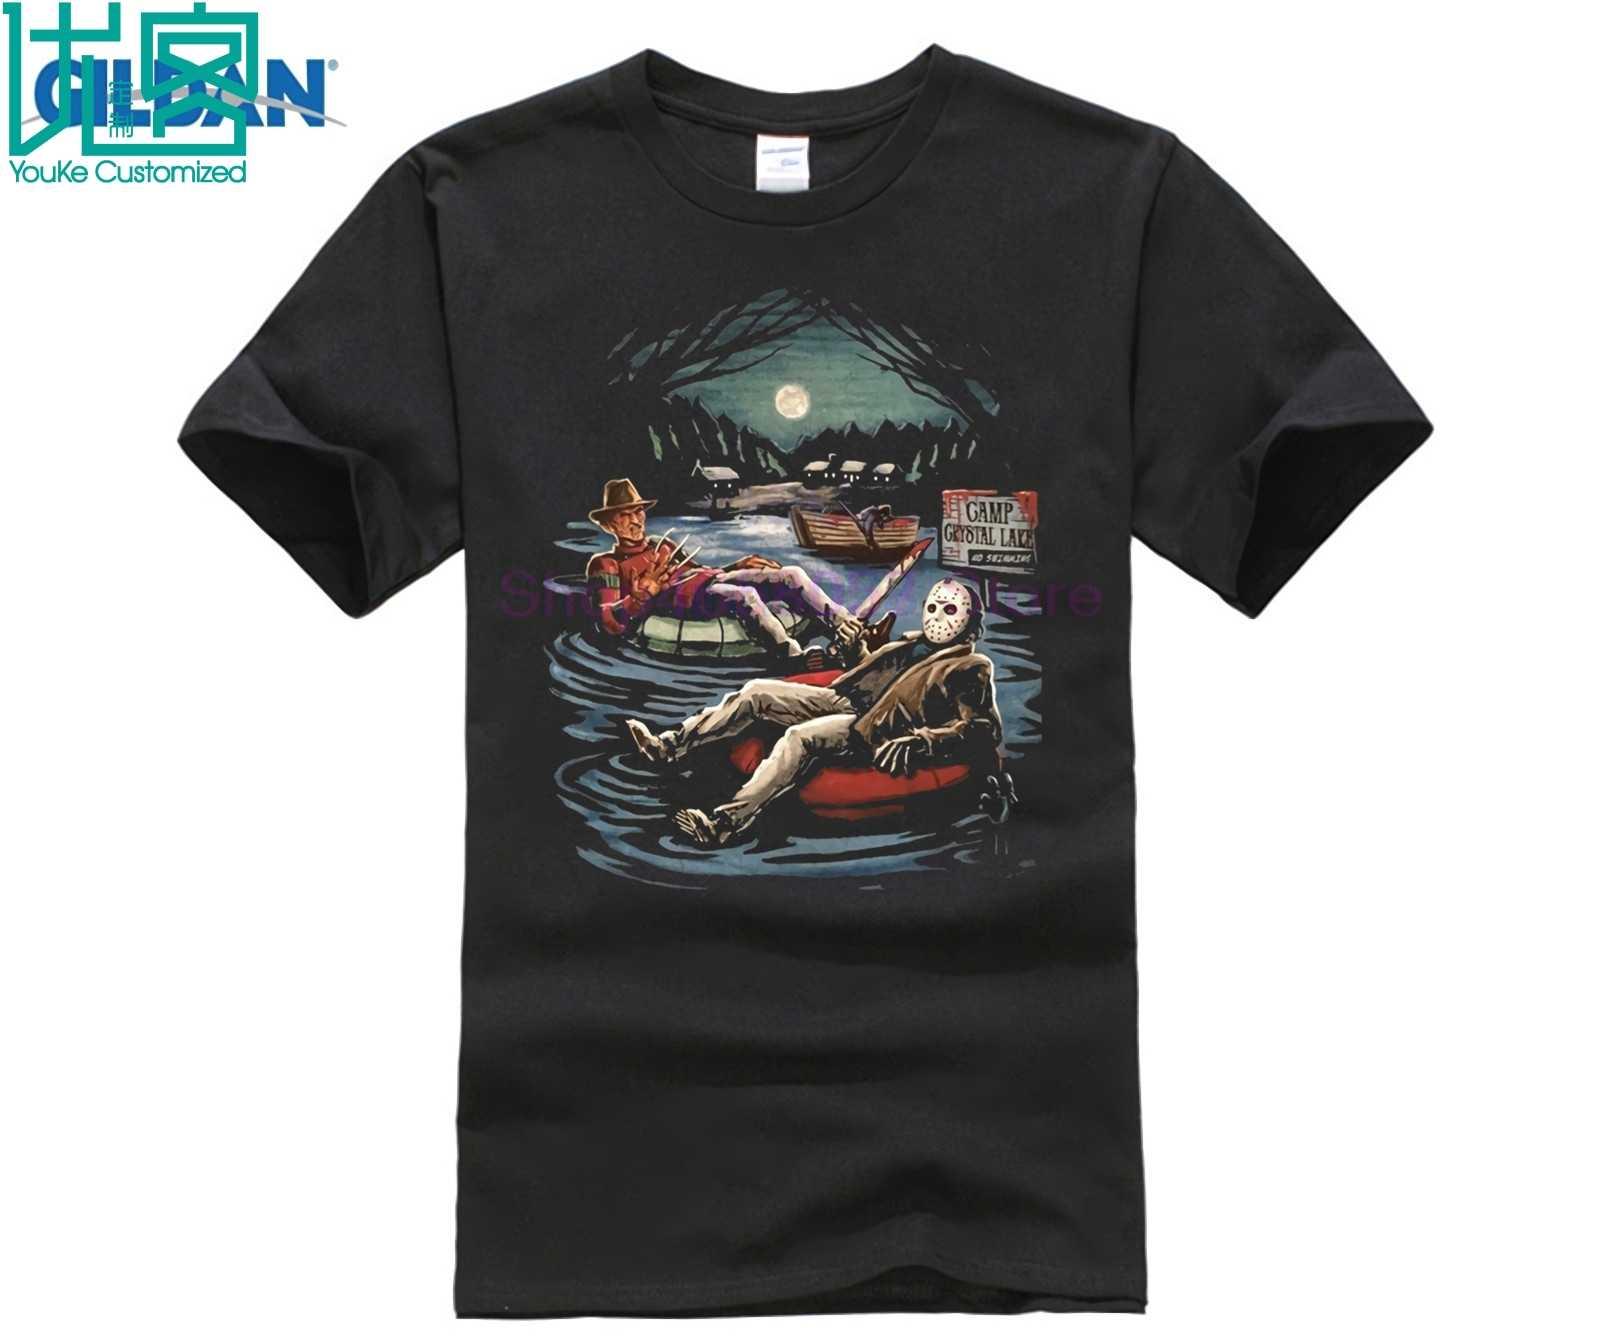 Фото FRIDAY The 13th Джейсон Вурхиз FREDDY Krueger ELM STREET Movie Мужская Новая футболка мужская для